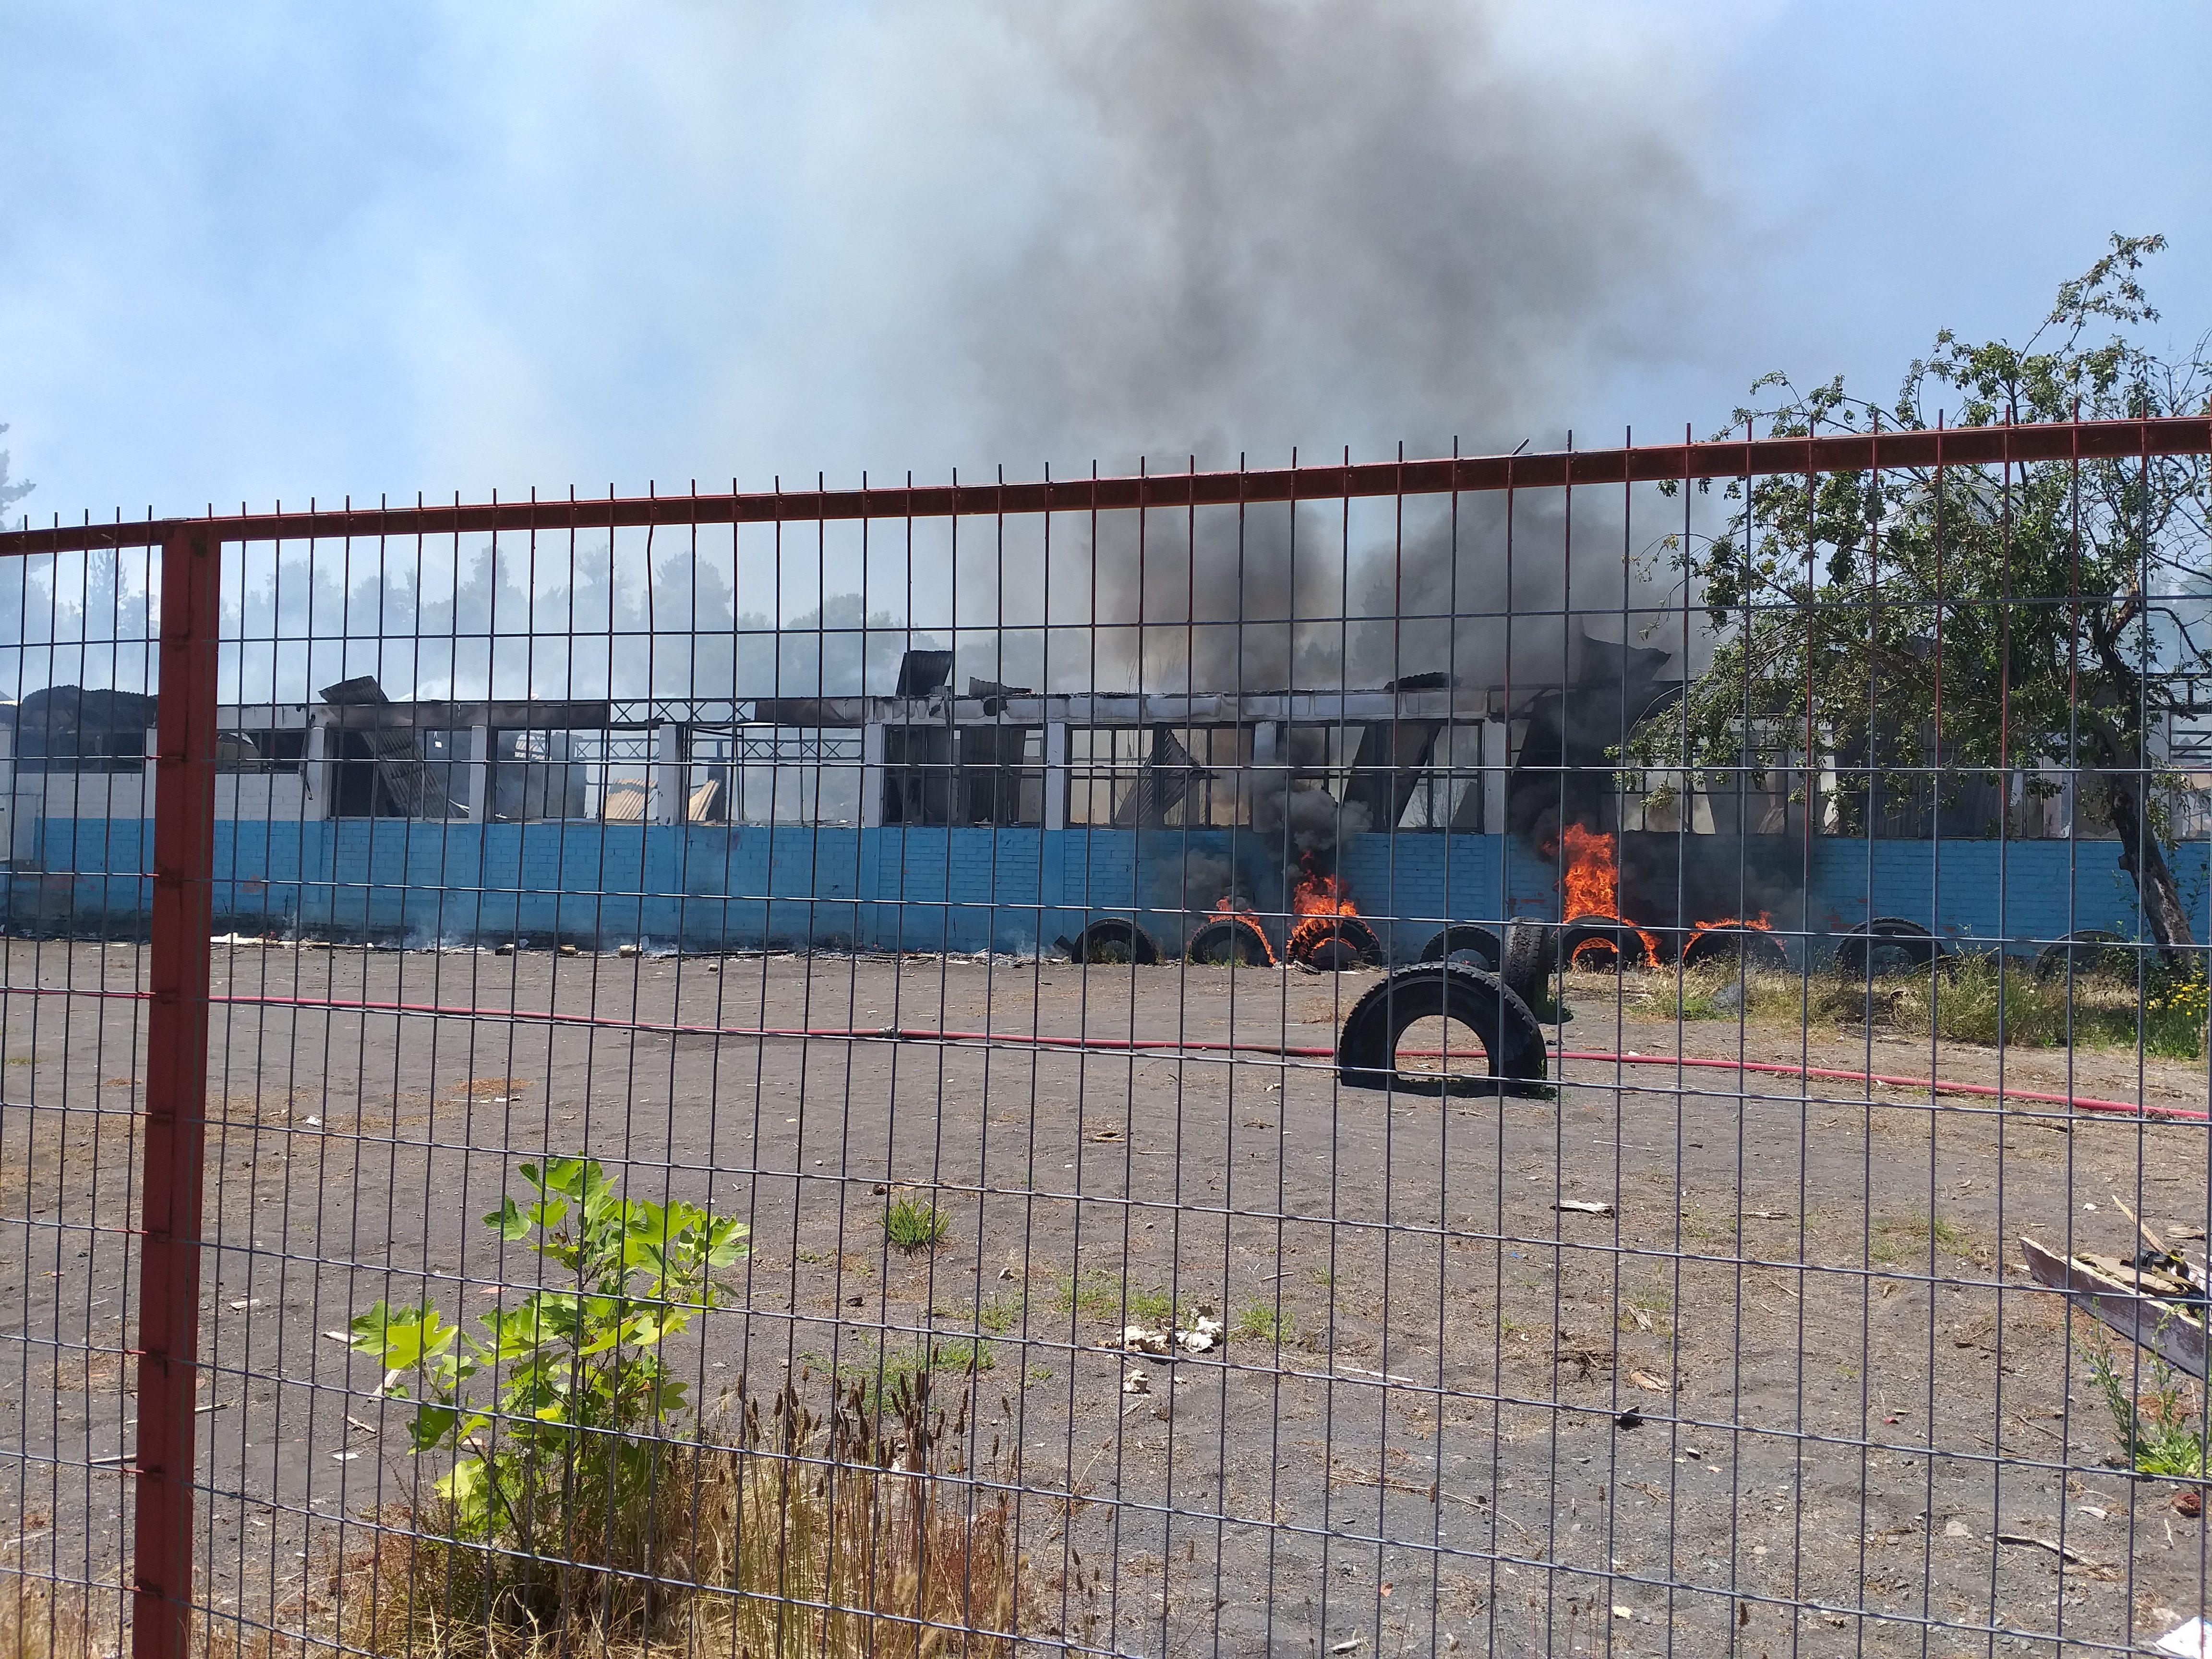 Incendio Consume instalaciones del Colegio de San Lorencito de la comuna de Quilleco